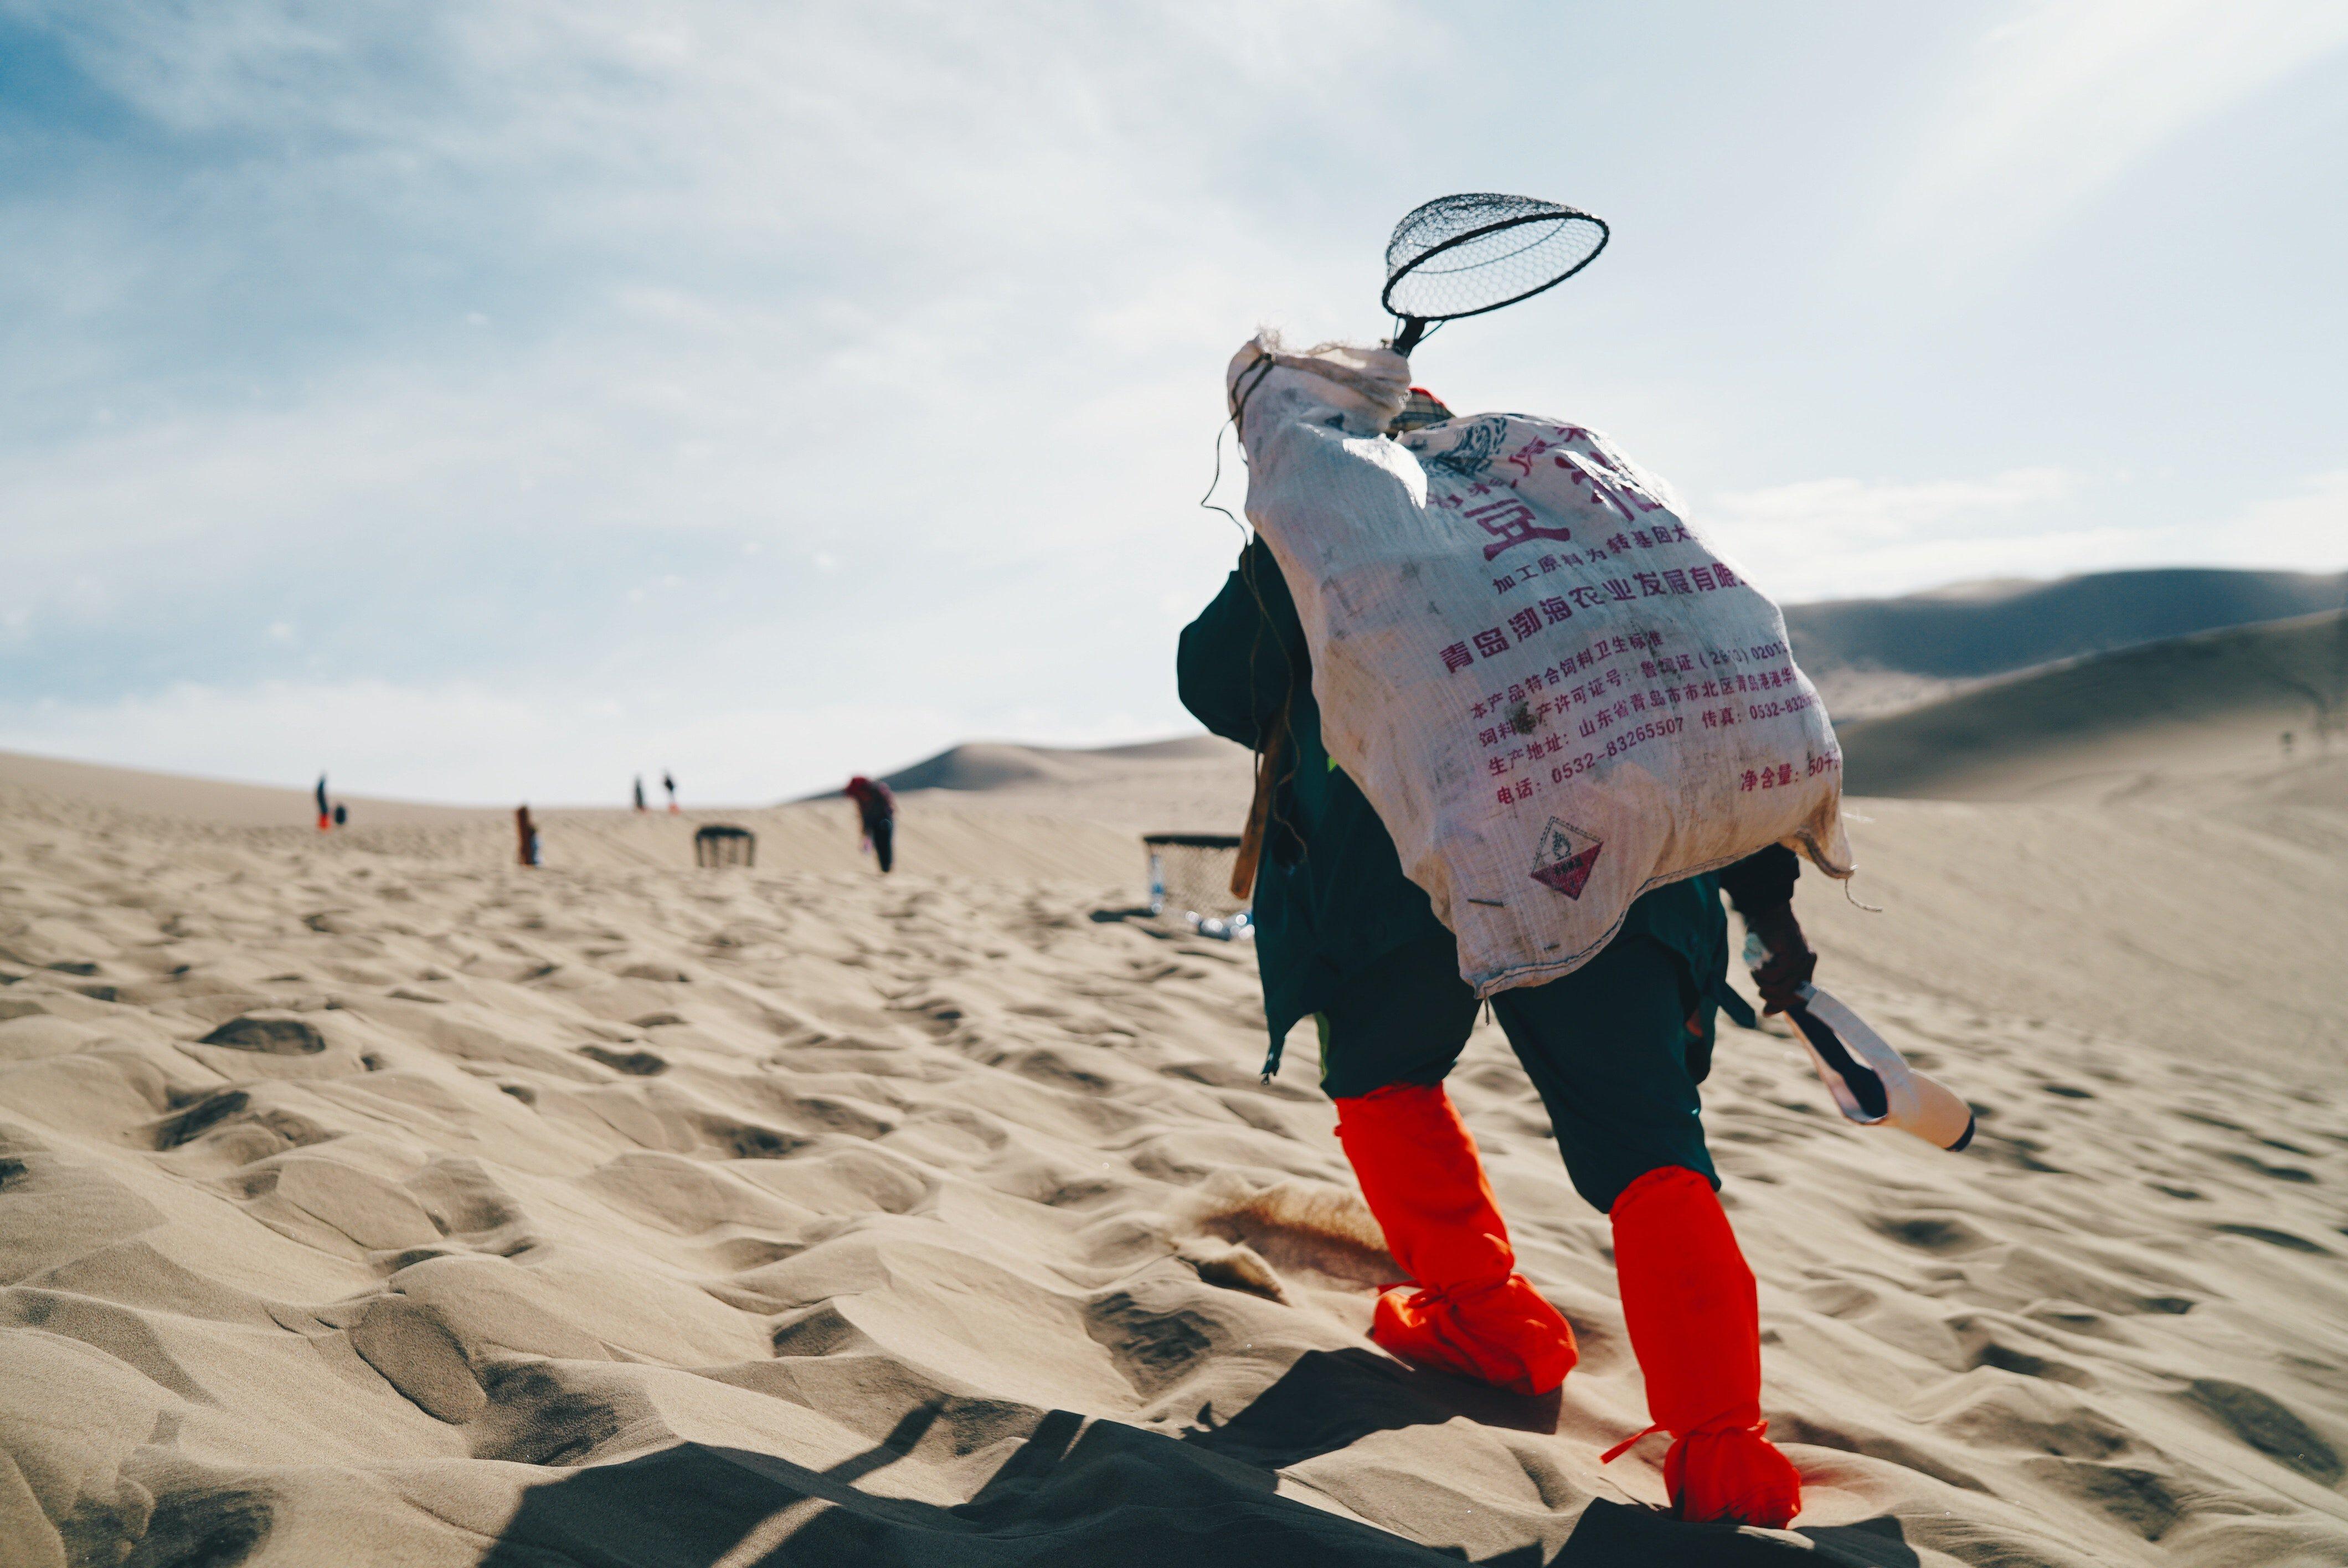 Man carries an empty net uphill in Dunhuang, Jiuquan, China. Photo: Steve Long/Unsplash